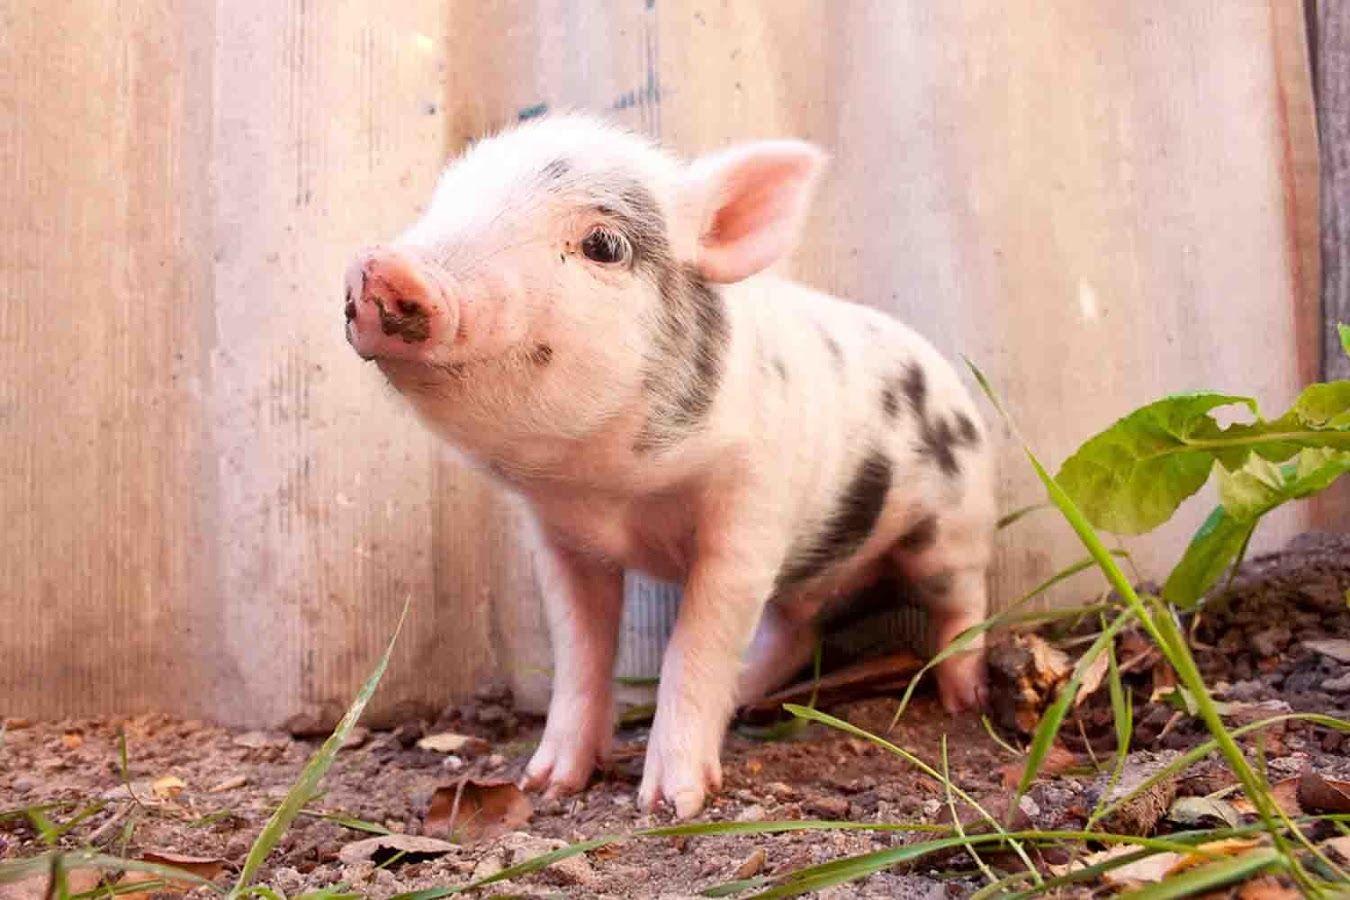 Popper pig meets meats engulfing swine oink